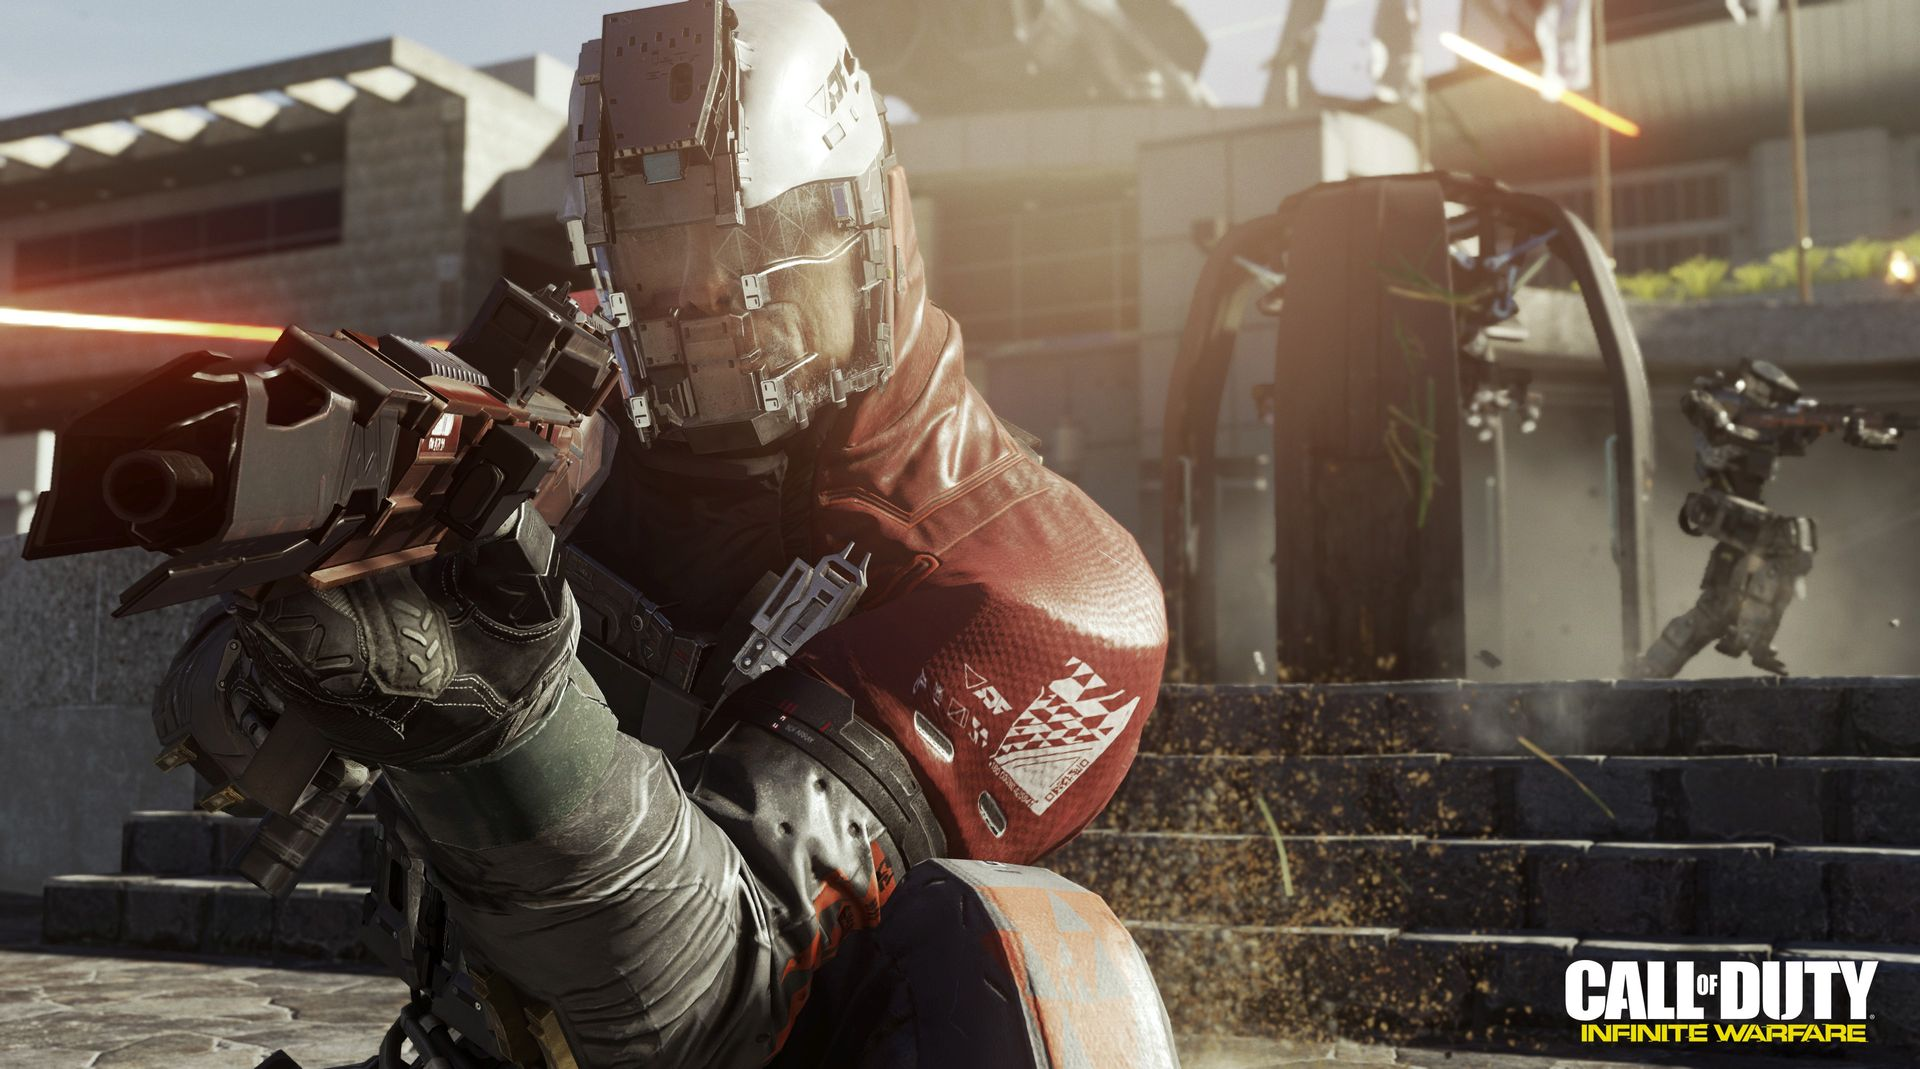 Call-of-Duty-Infinite-Warfare-Announcement 2016